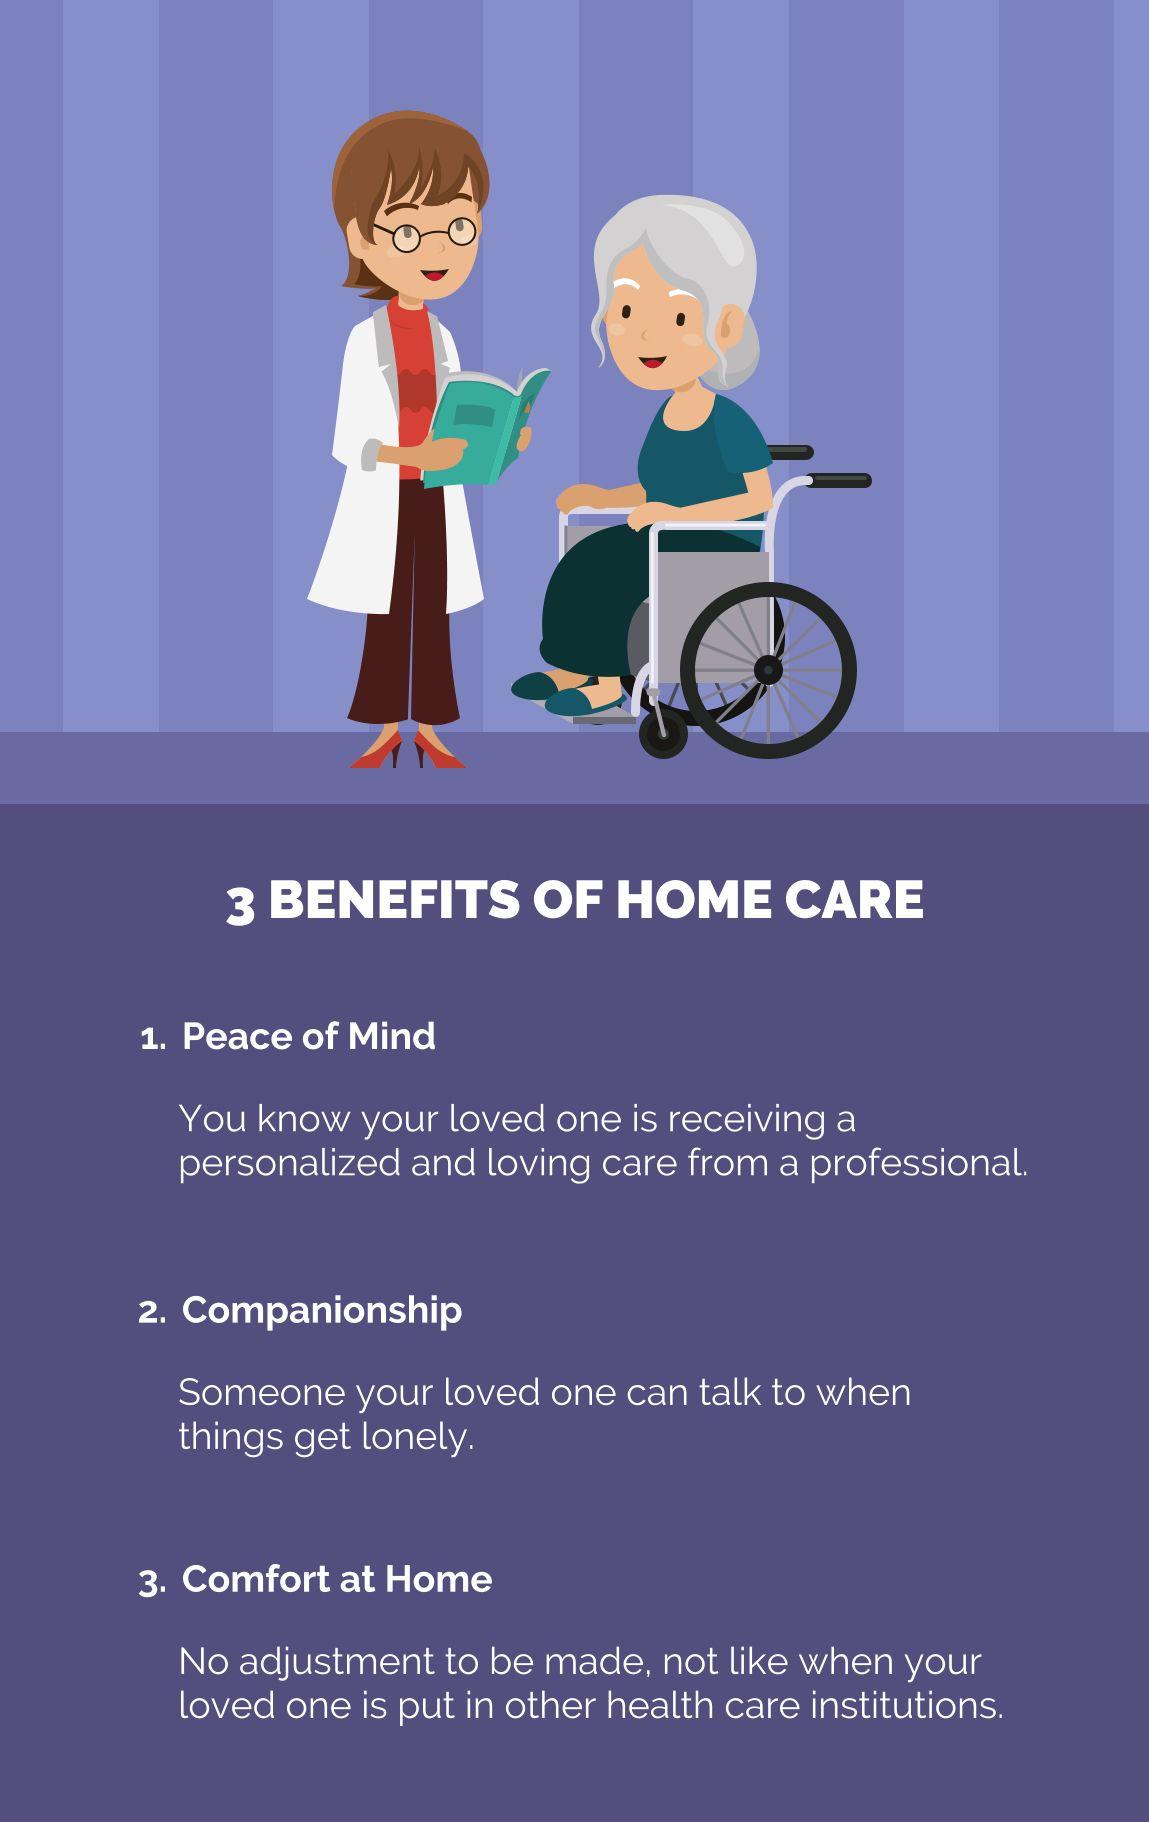 3 Benefits Of Home Care Homecare Seniorcare Home Care Agency Home Care Home Health Care